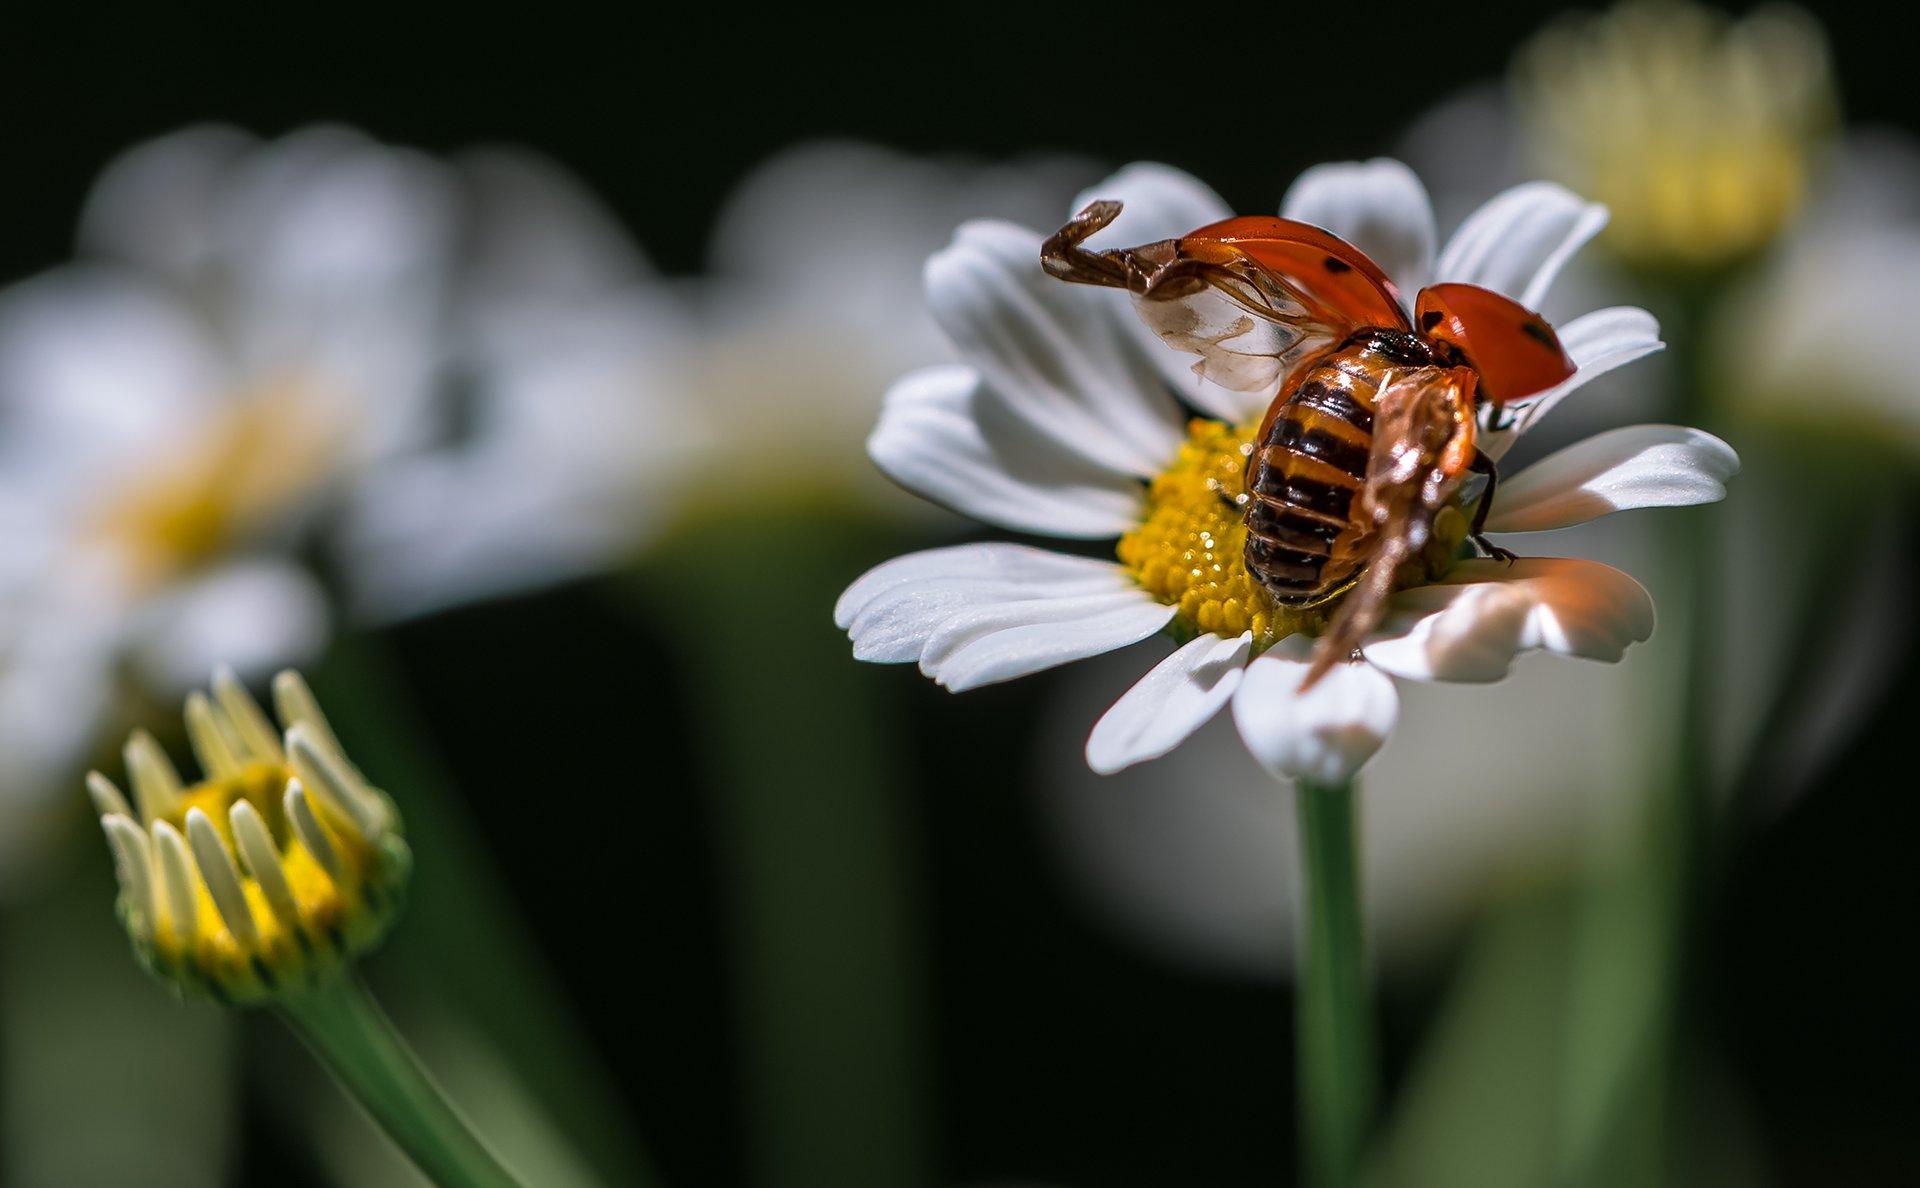 природа, макро, цветы, ромашка, жук, божья коровка, Неля Рачкова